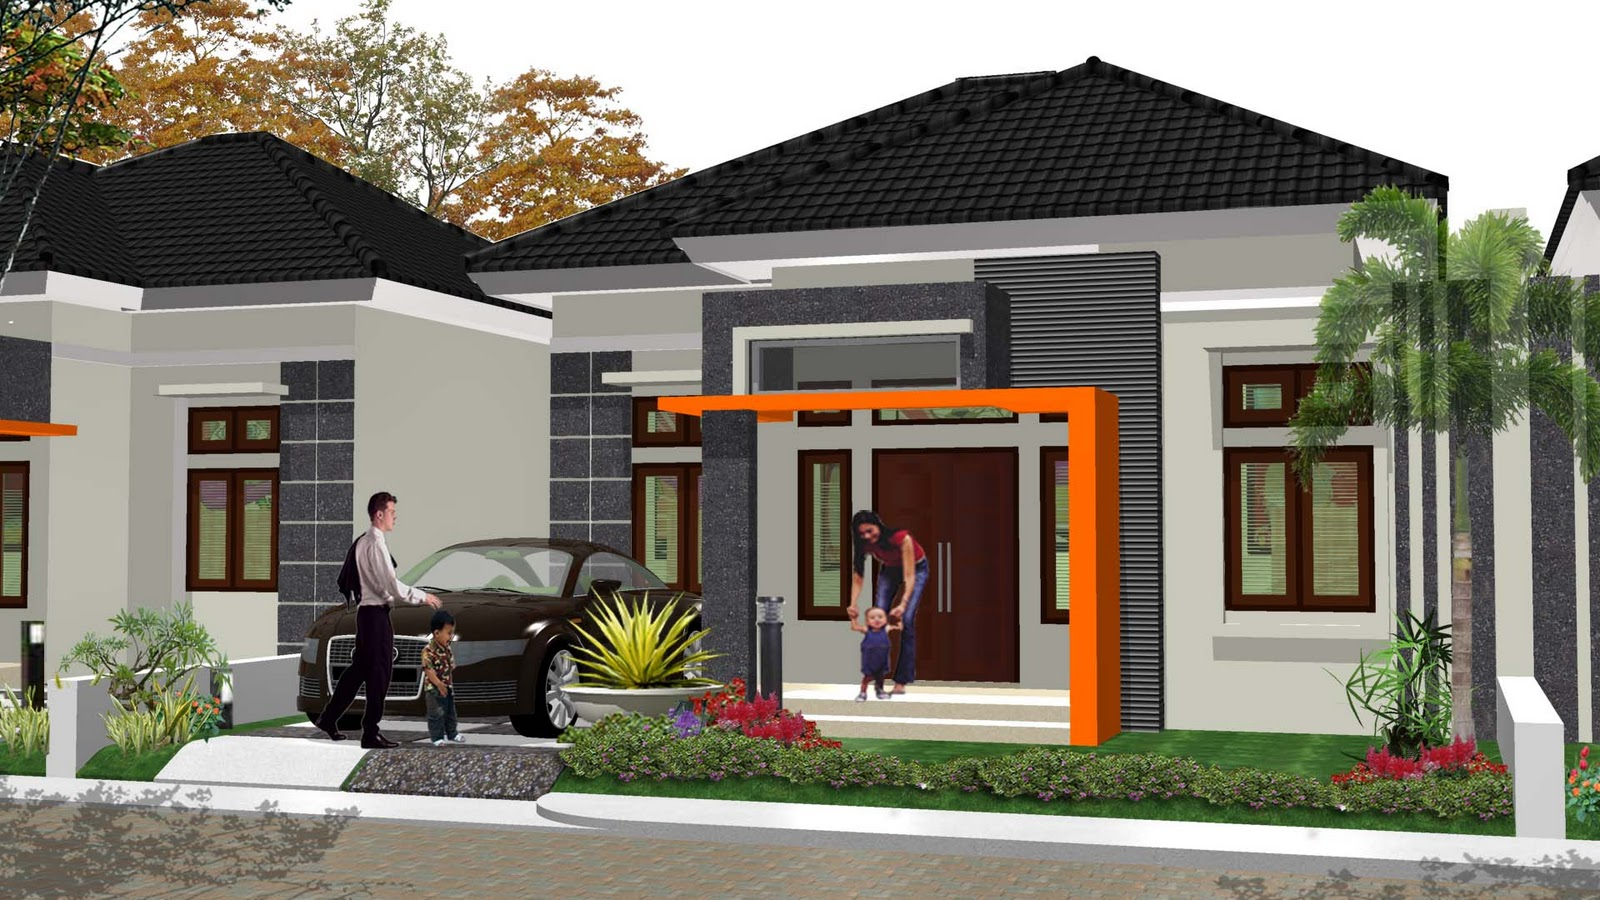 Desain Tampak Depan Rumah 1 Lantai Minimalis Desain Rumah Minimalis